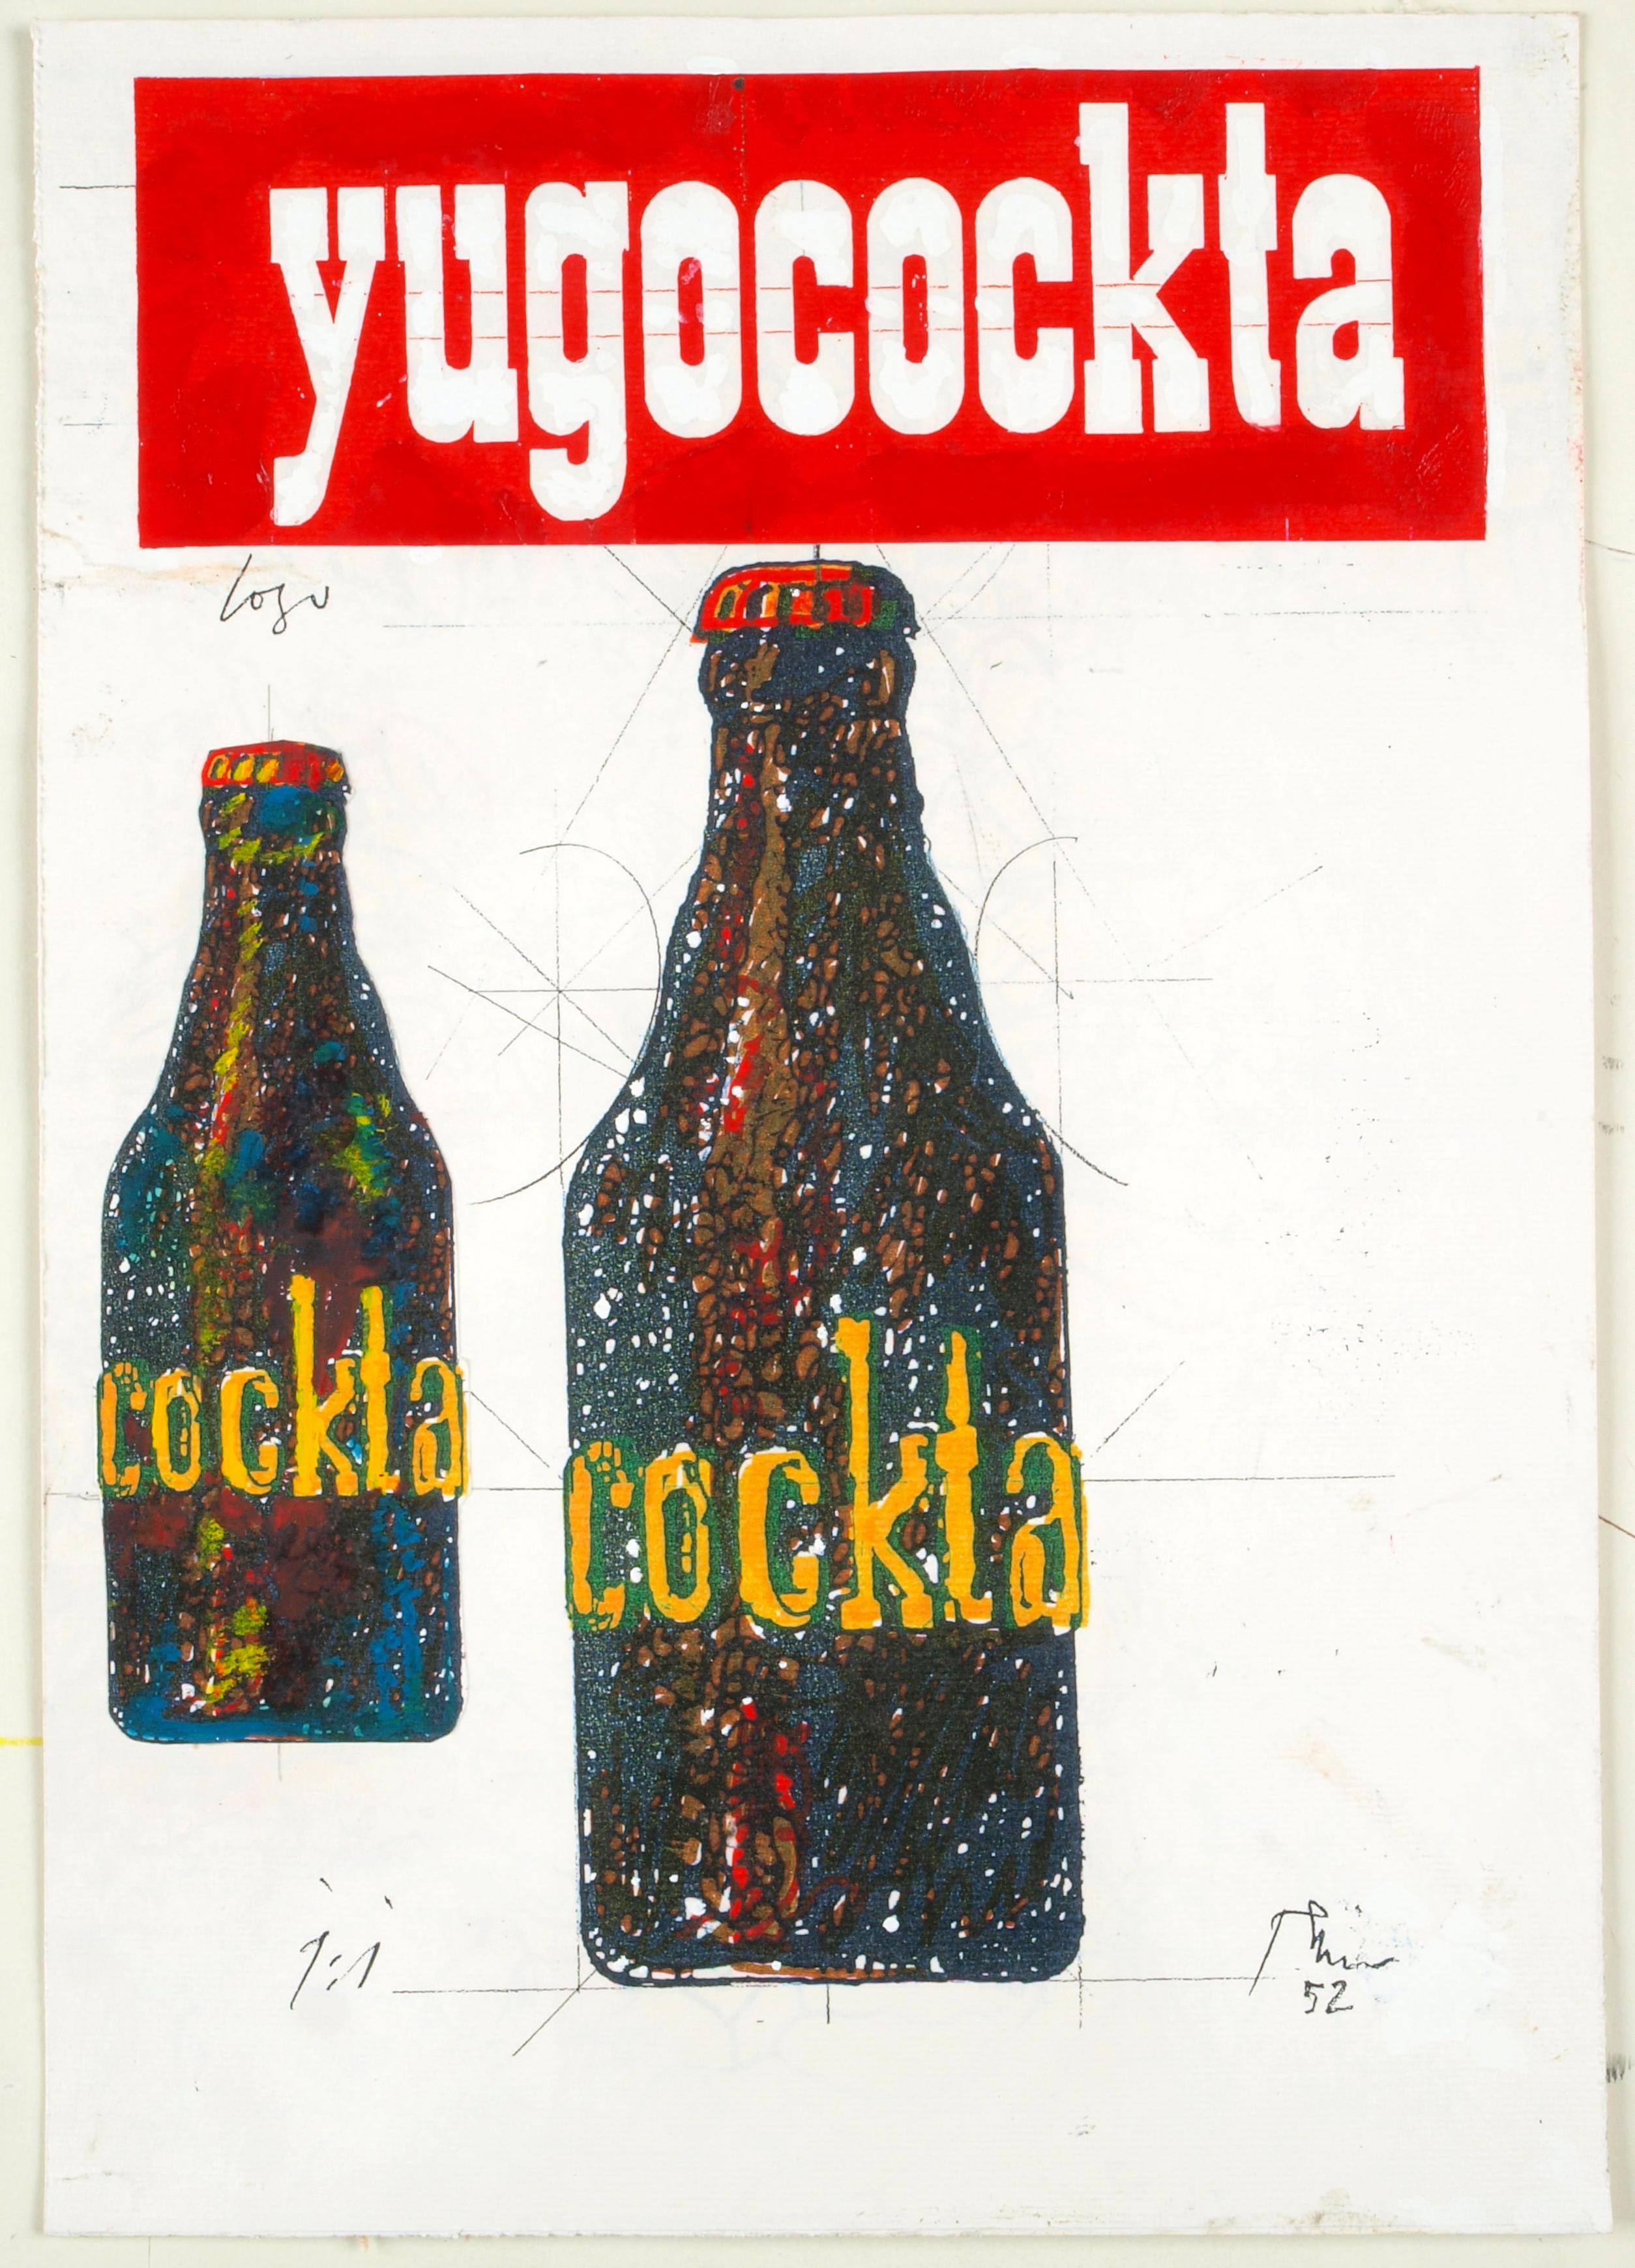 Yugo Cockta